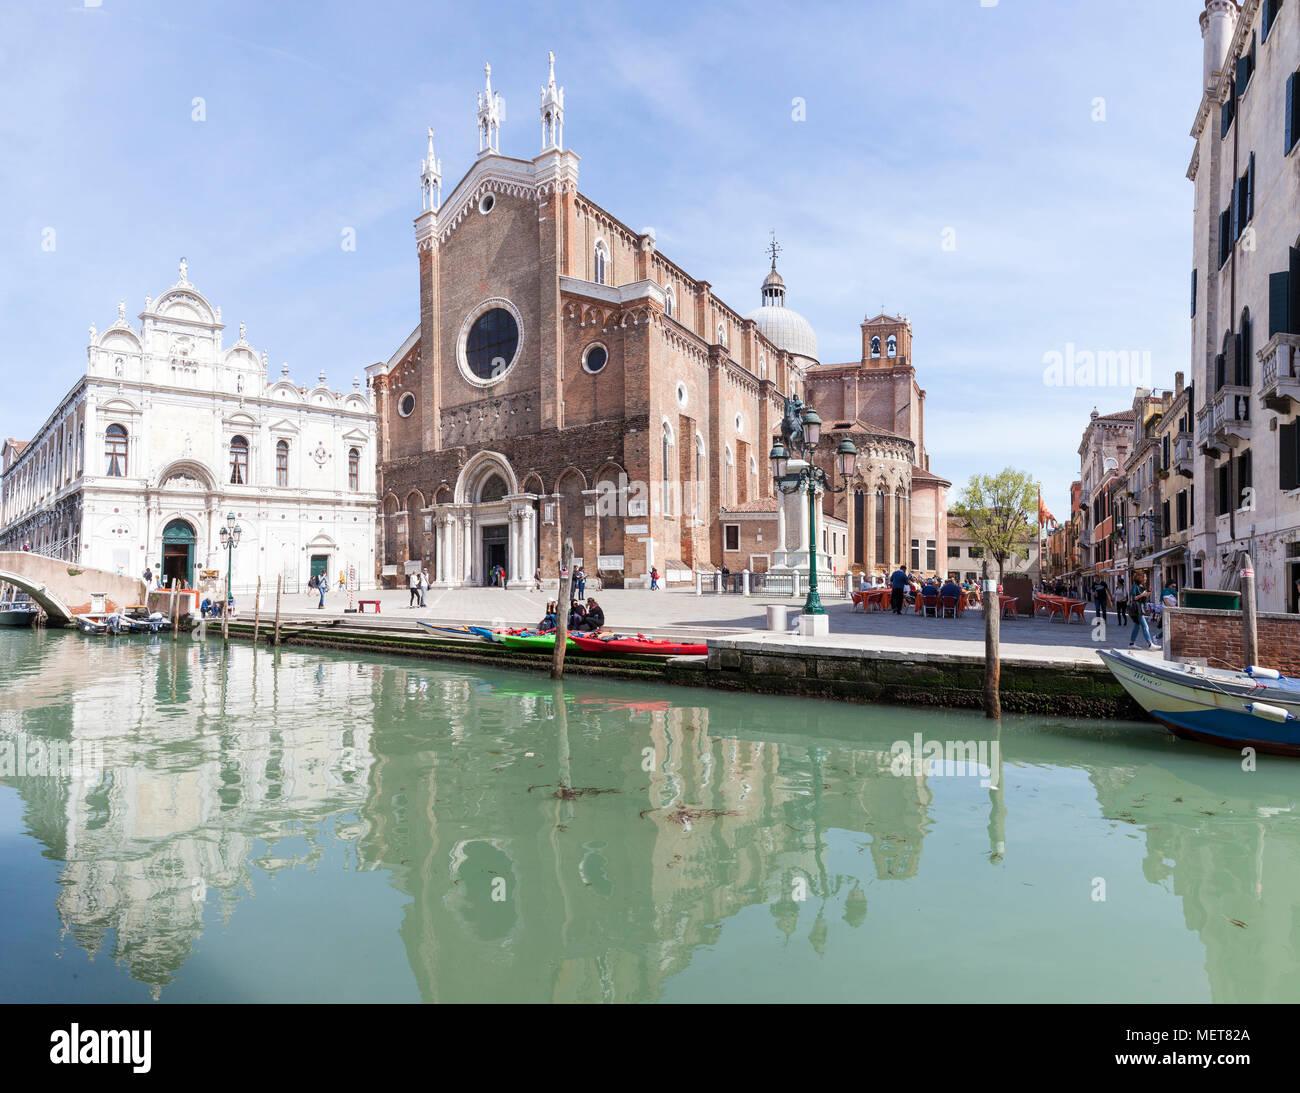 Scuola Grande di San Marco, Campo dei Santi Giovanni e Paolo, Castello, Venice, Veneto, Italy - Stock Image